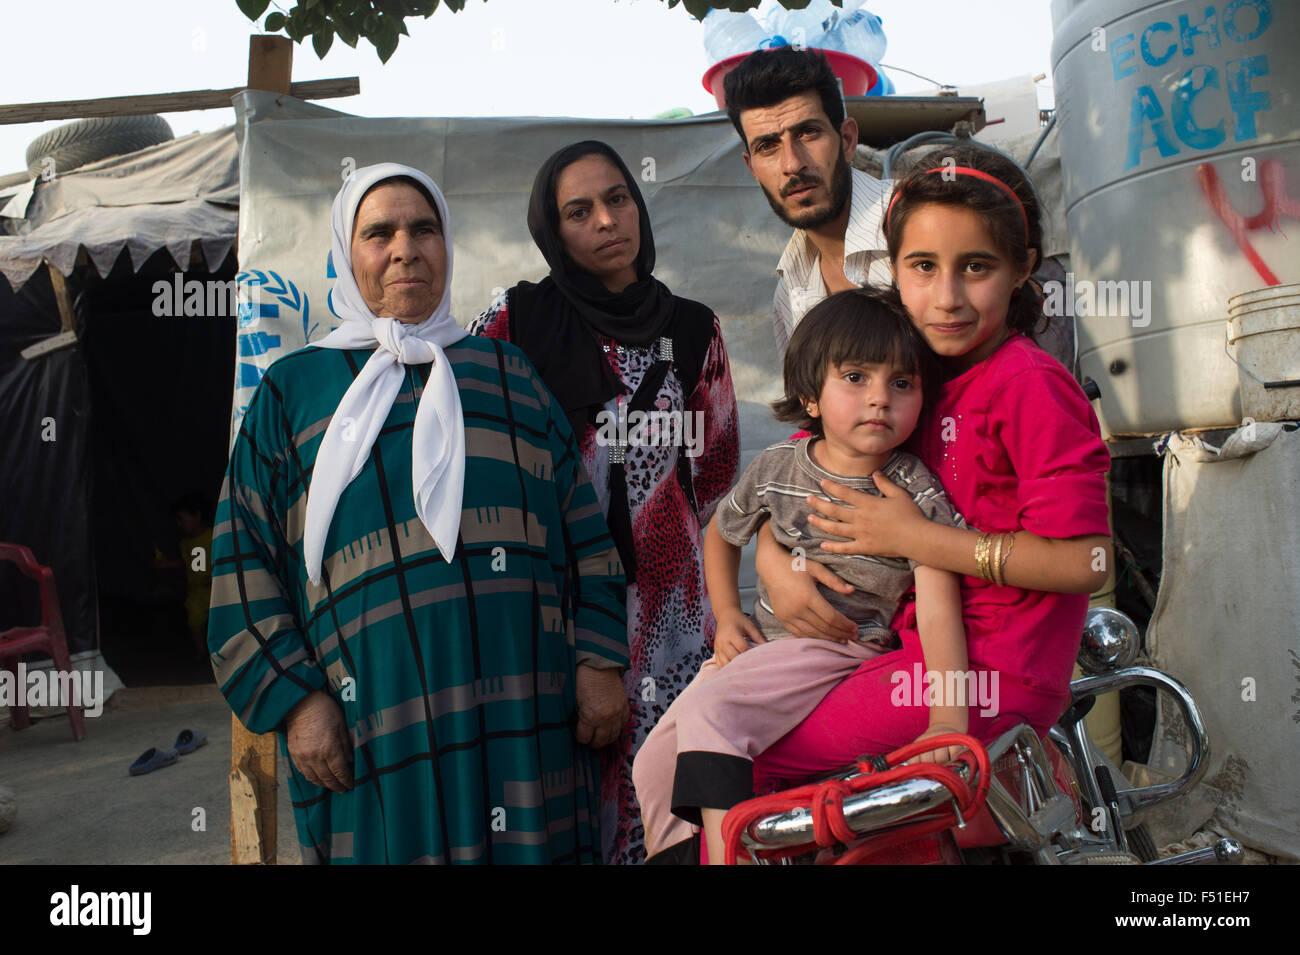 Familia de refugiados sirios en el valle de Bekka cerca de Zahle, en el campamento de la ONU. Zahle, Líbano, Imagen De Stock